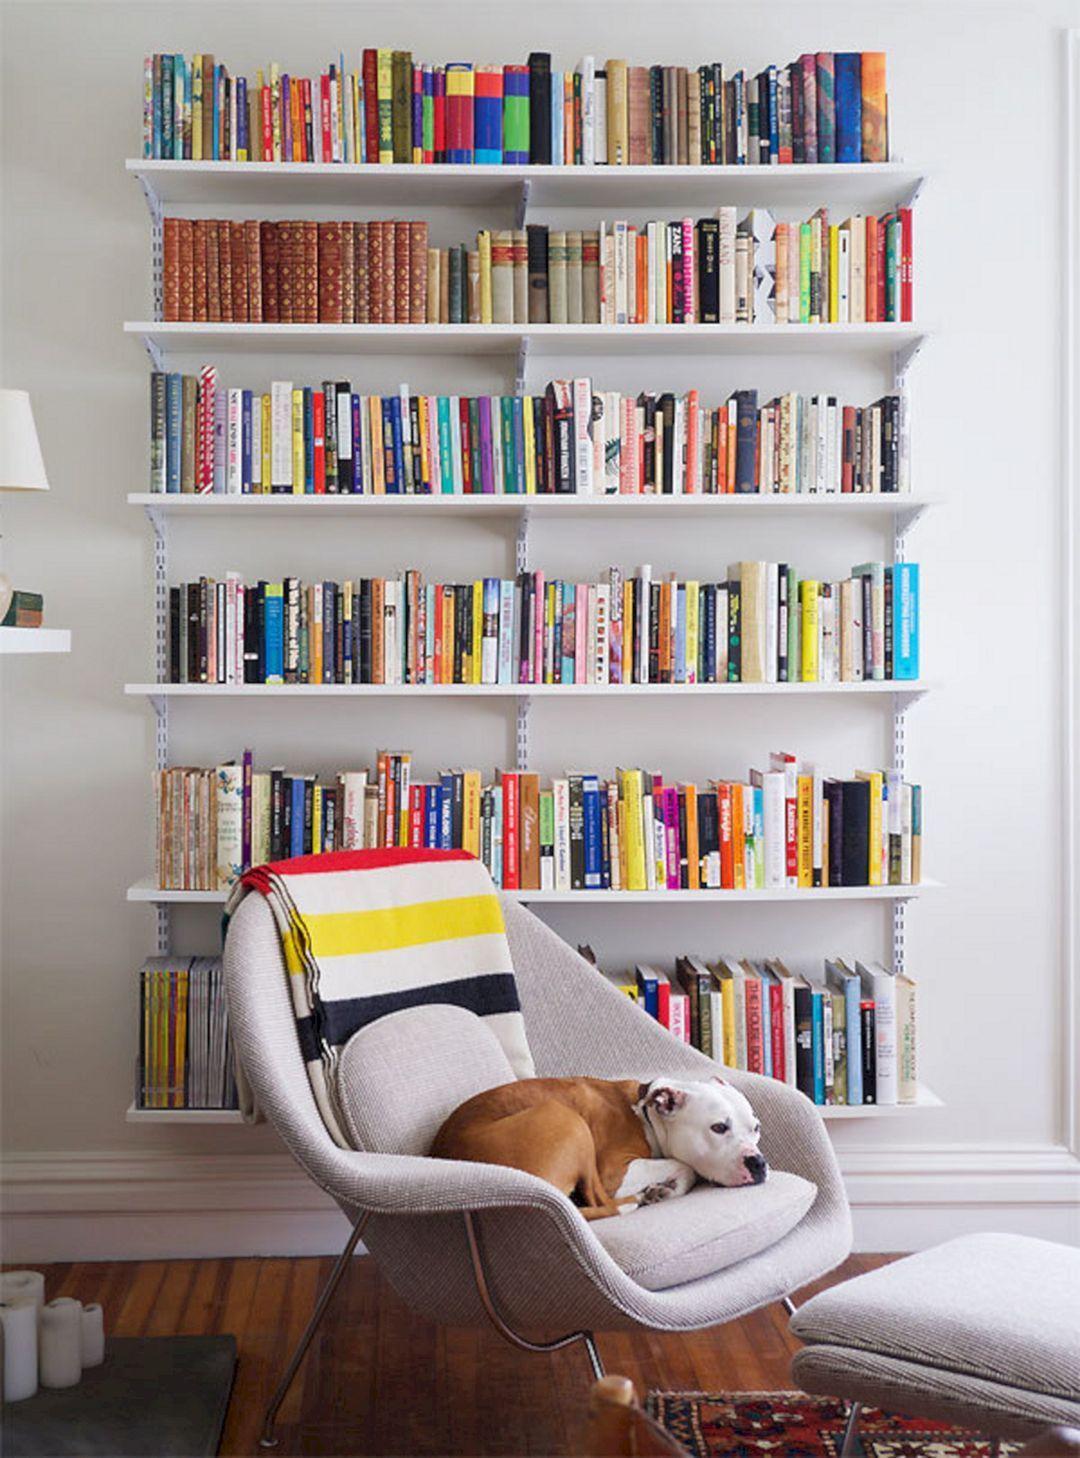 Photo of 15 Wunderschöne Bücherregal-Dekorationsideen für schönes Wohnzimmer-Design- # Bücherregal …